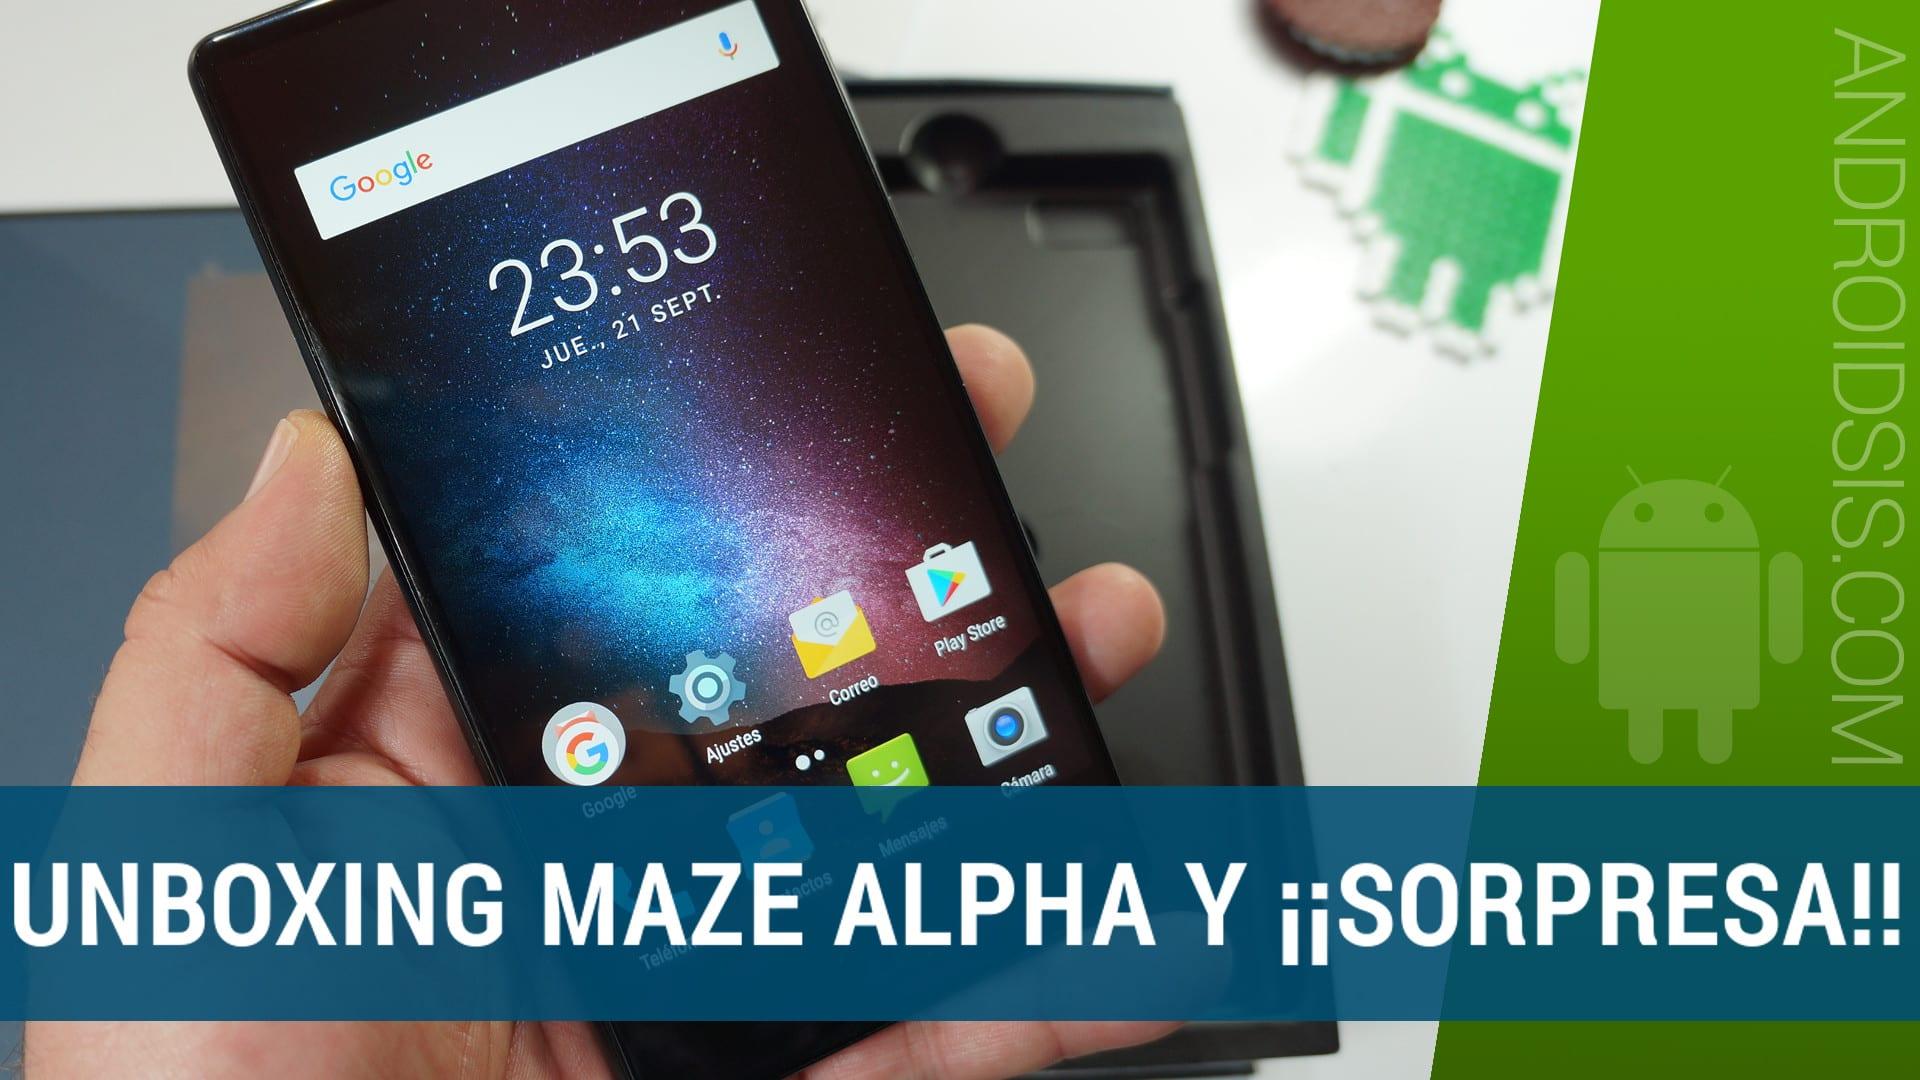 unboxing-maze-alpha-sorpresa-incluida